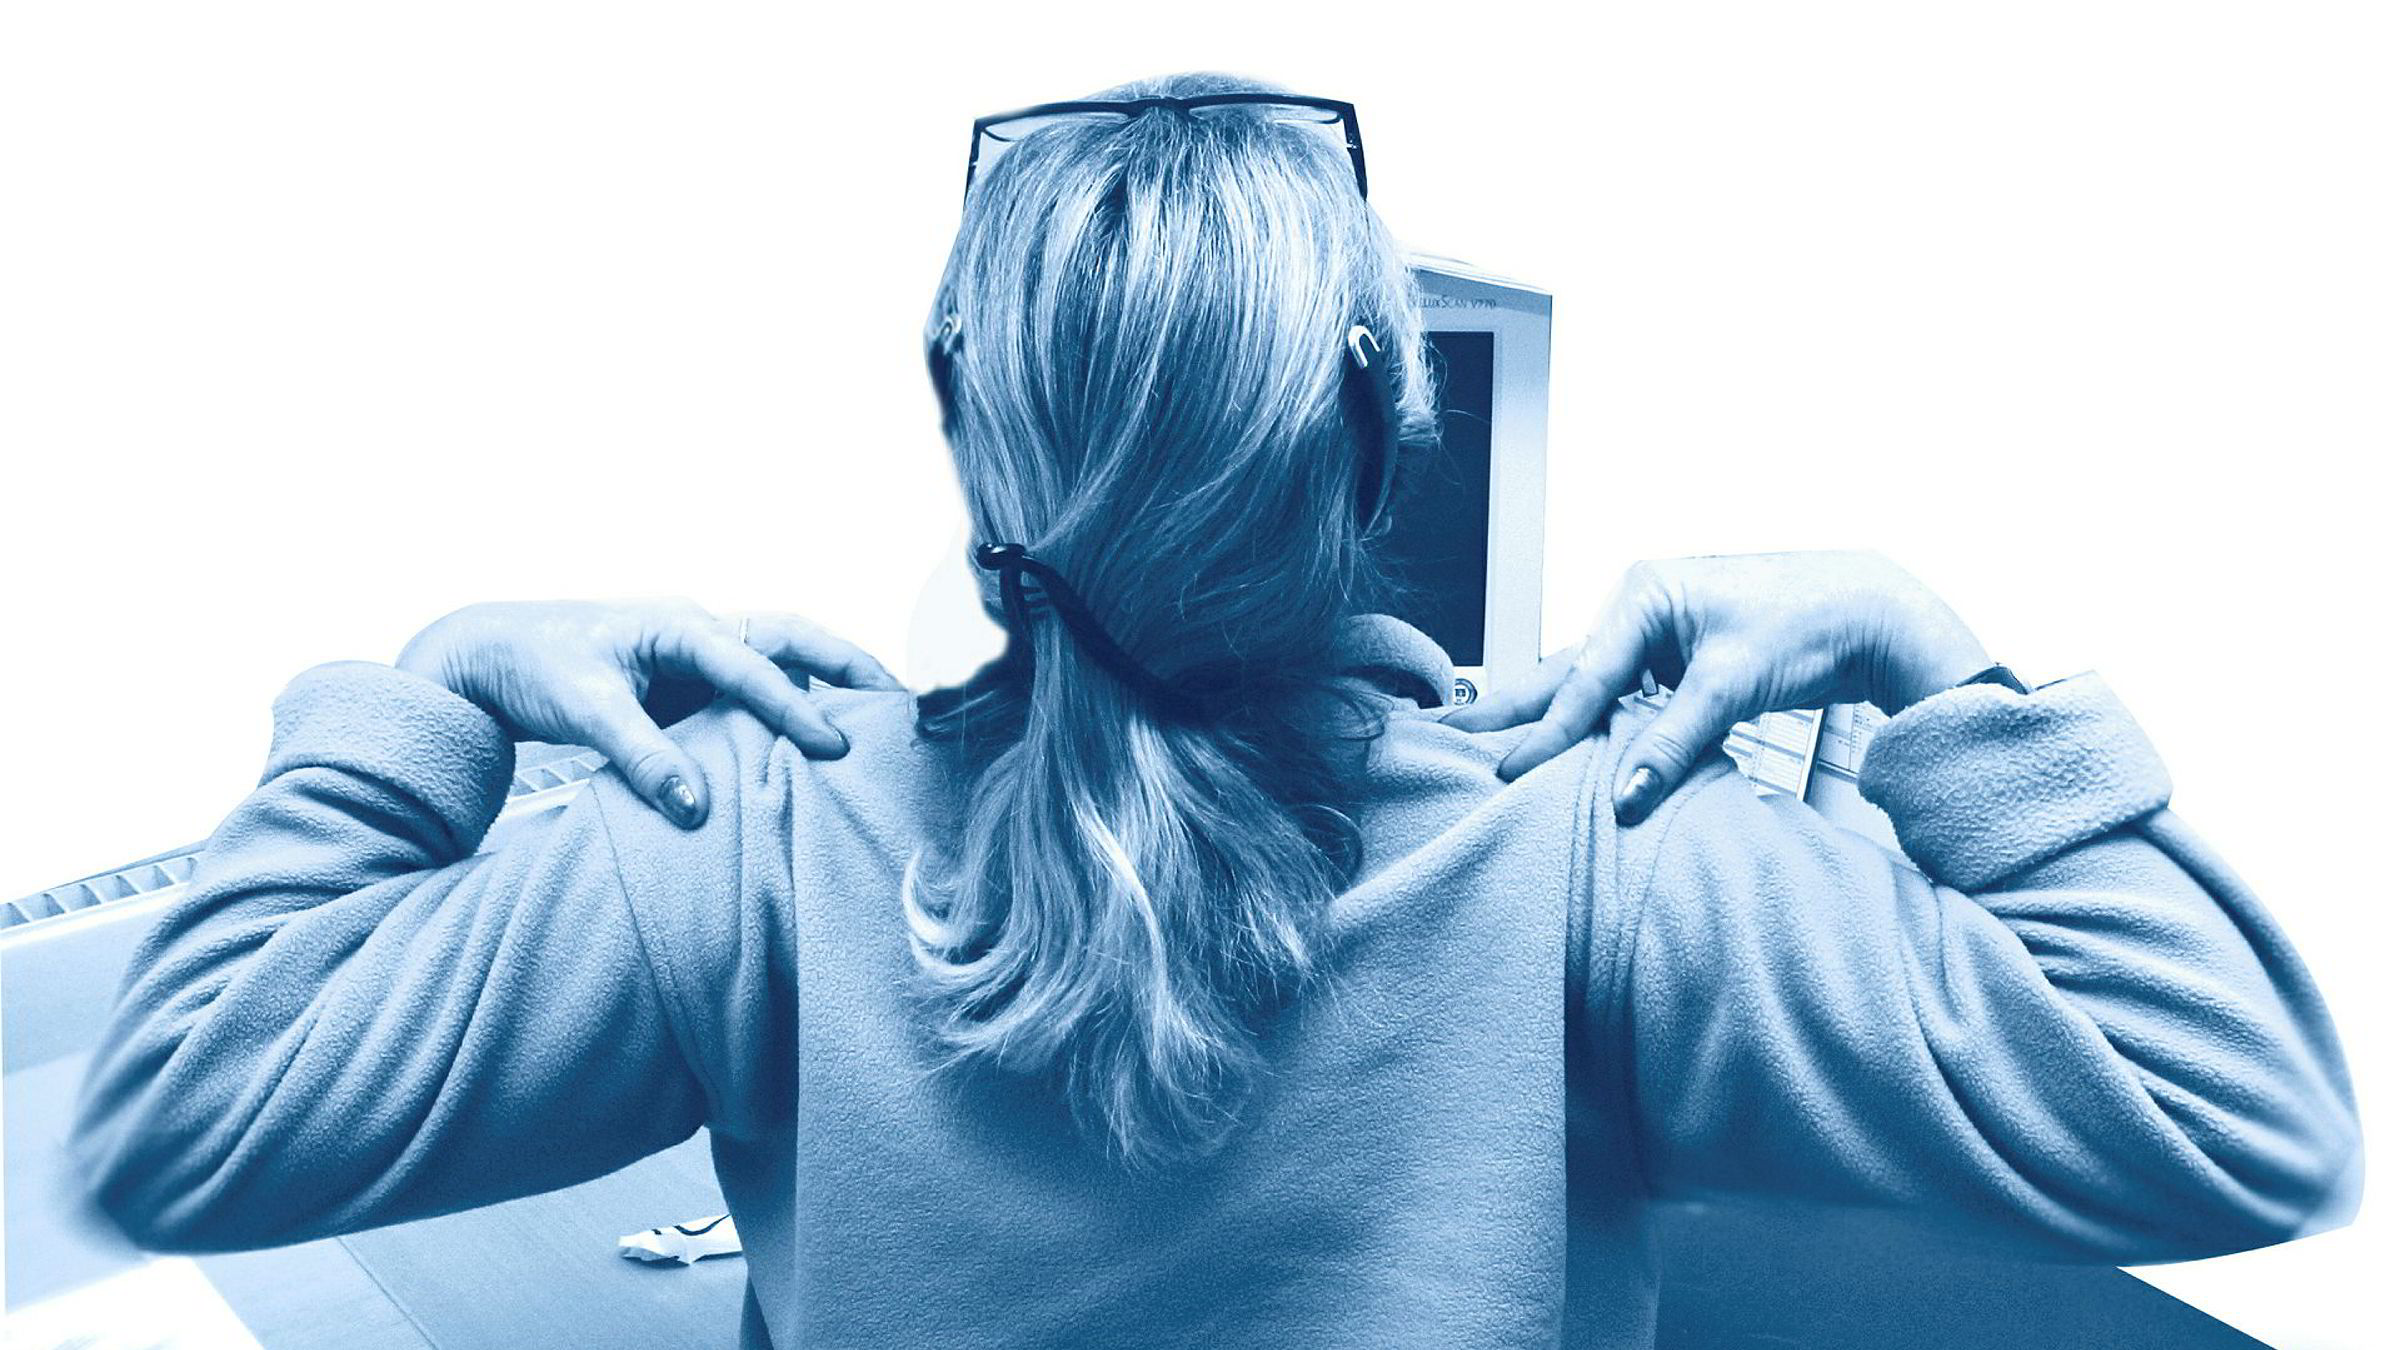 Å rette ryggen kan hjelpe på humøret, ifølge ny forskning.